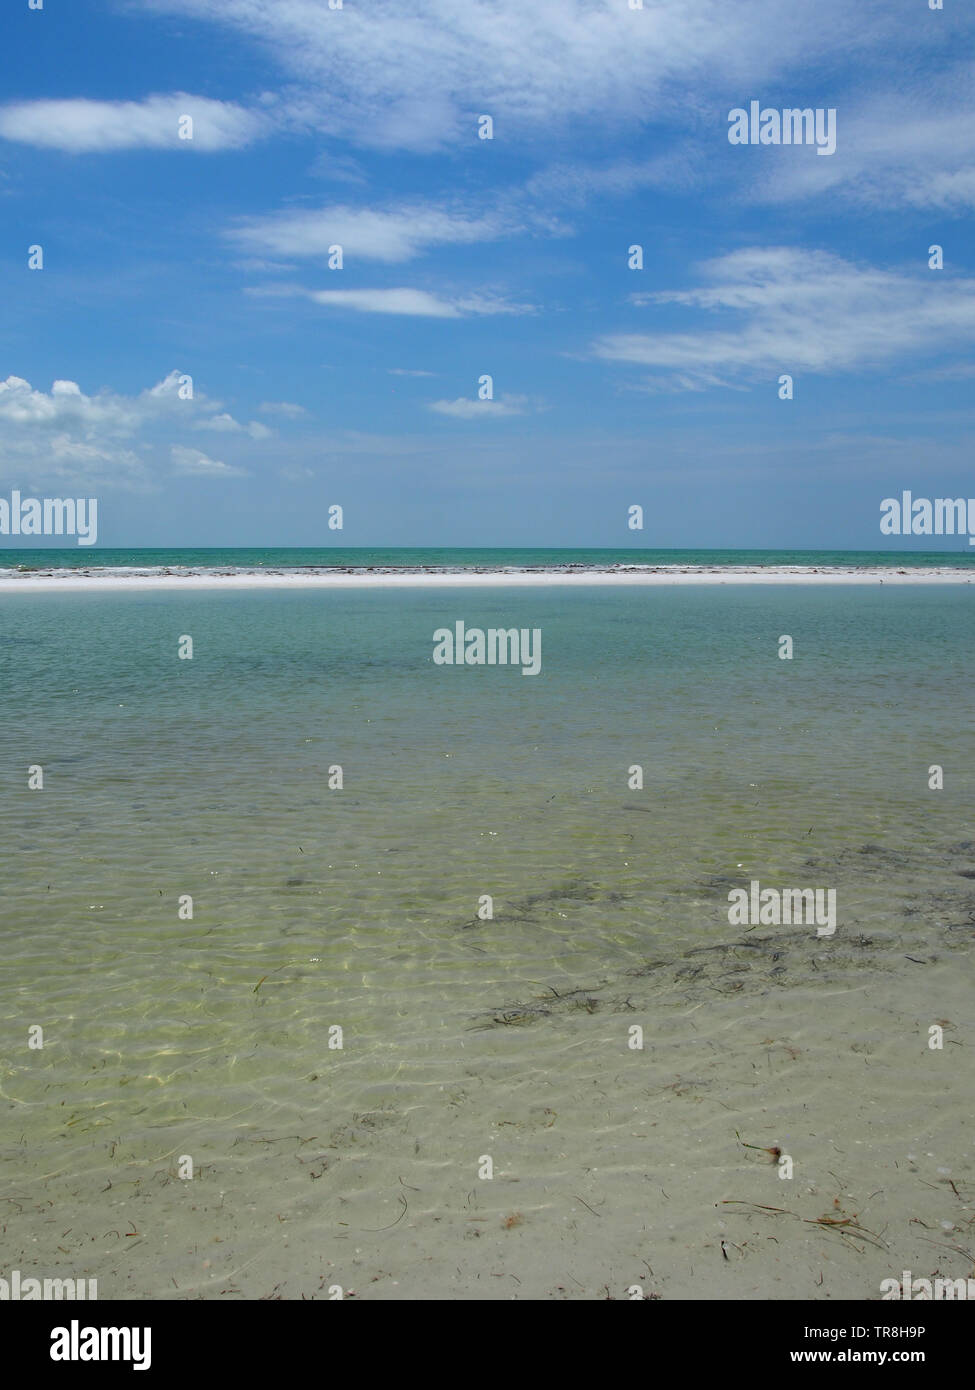 Shoreline at Anclote Key, Tarpon Springs, Florida, USA, May